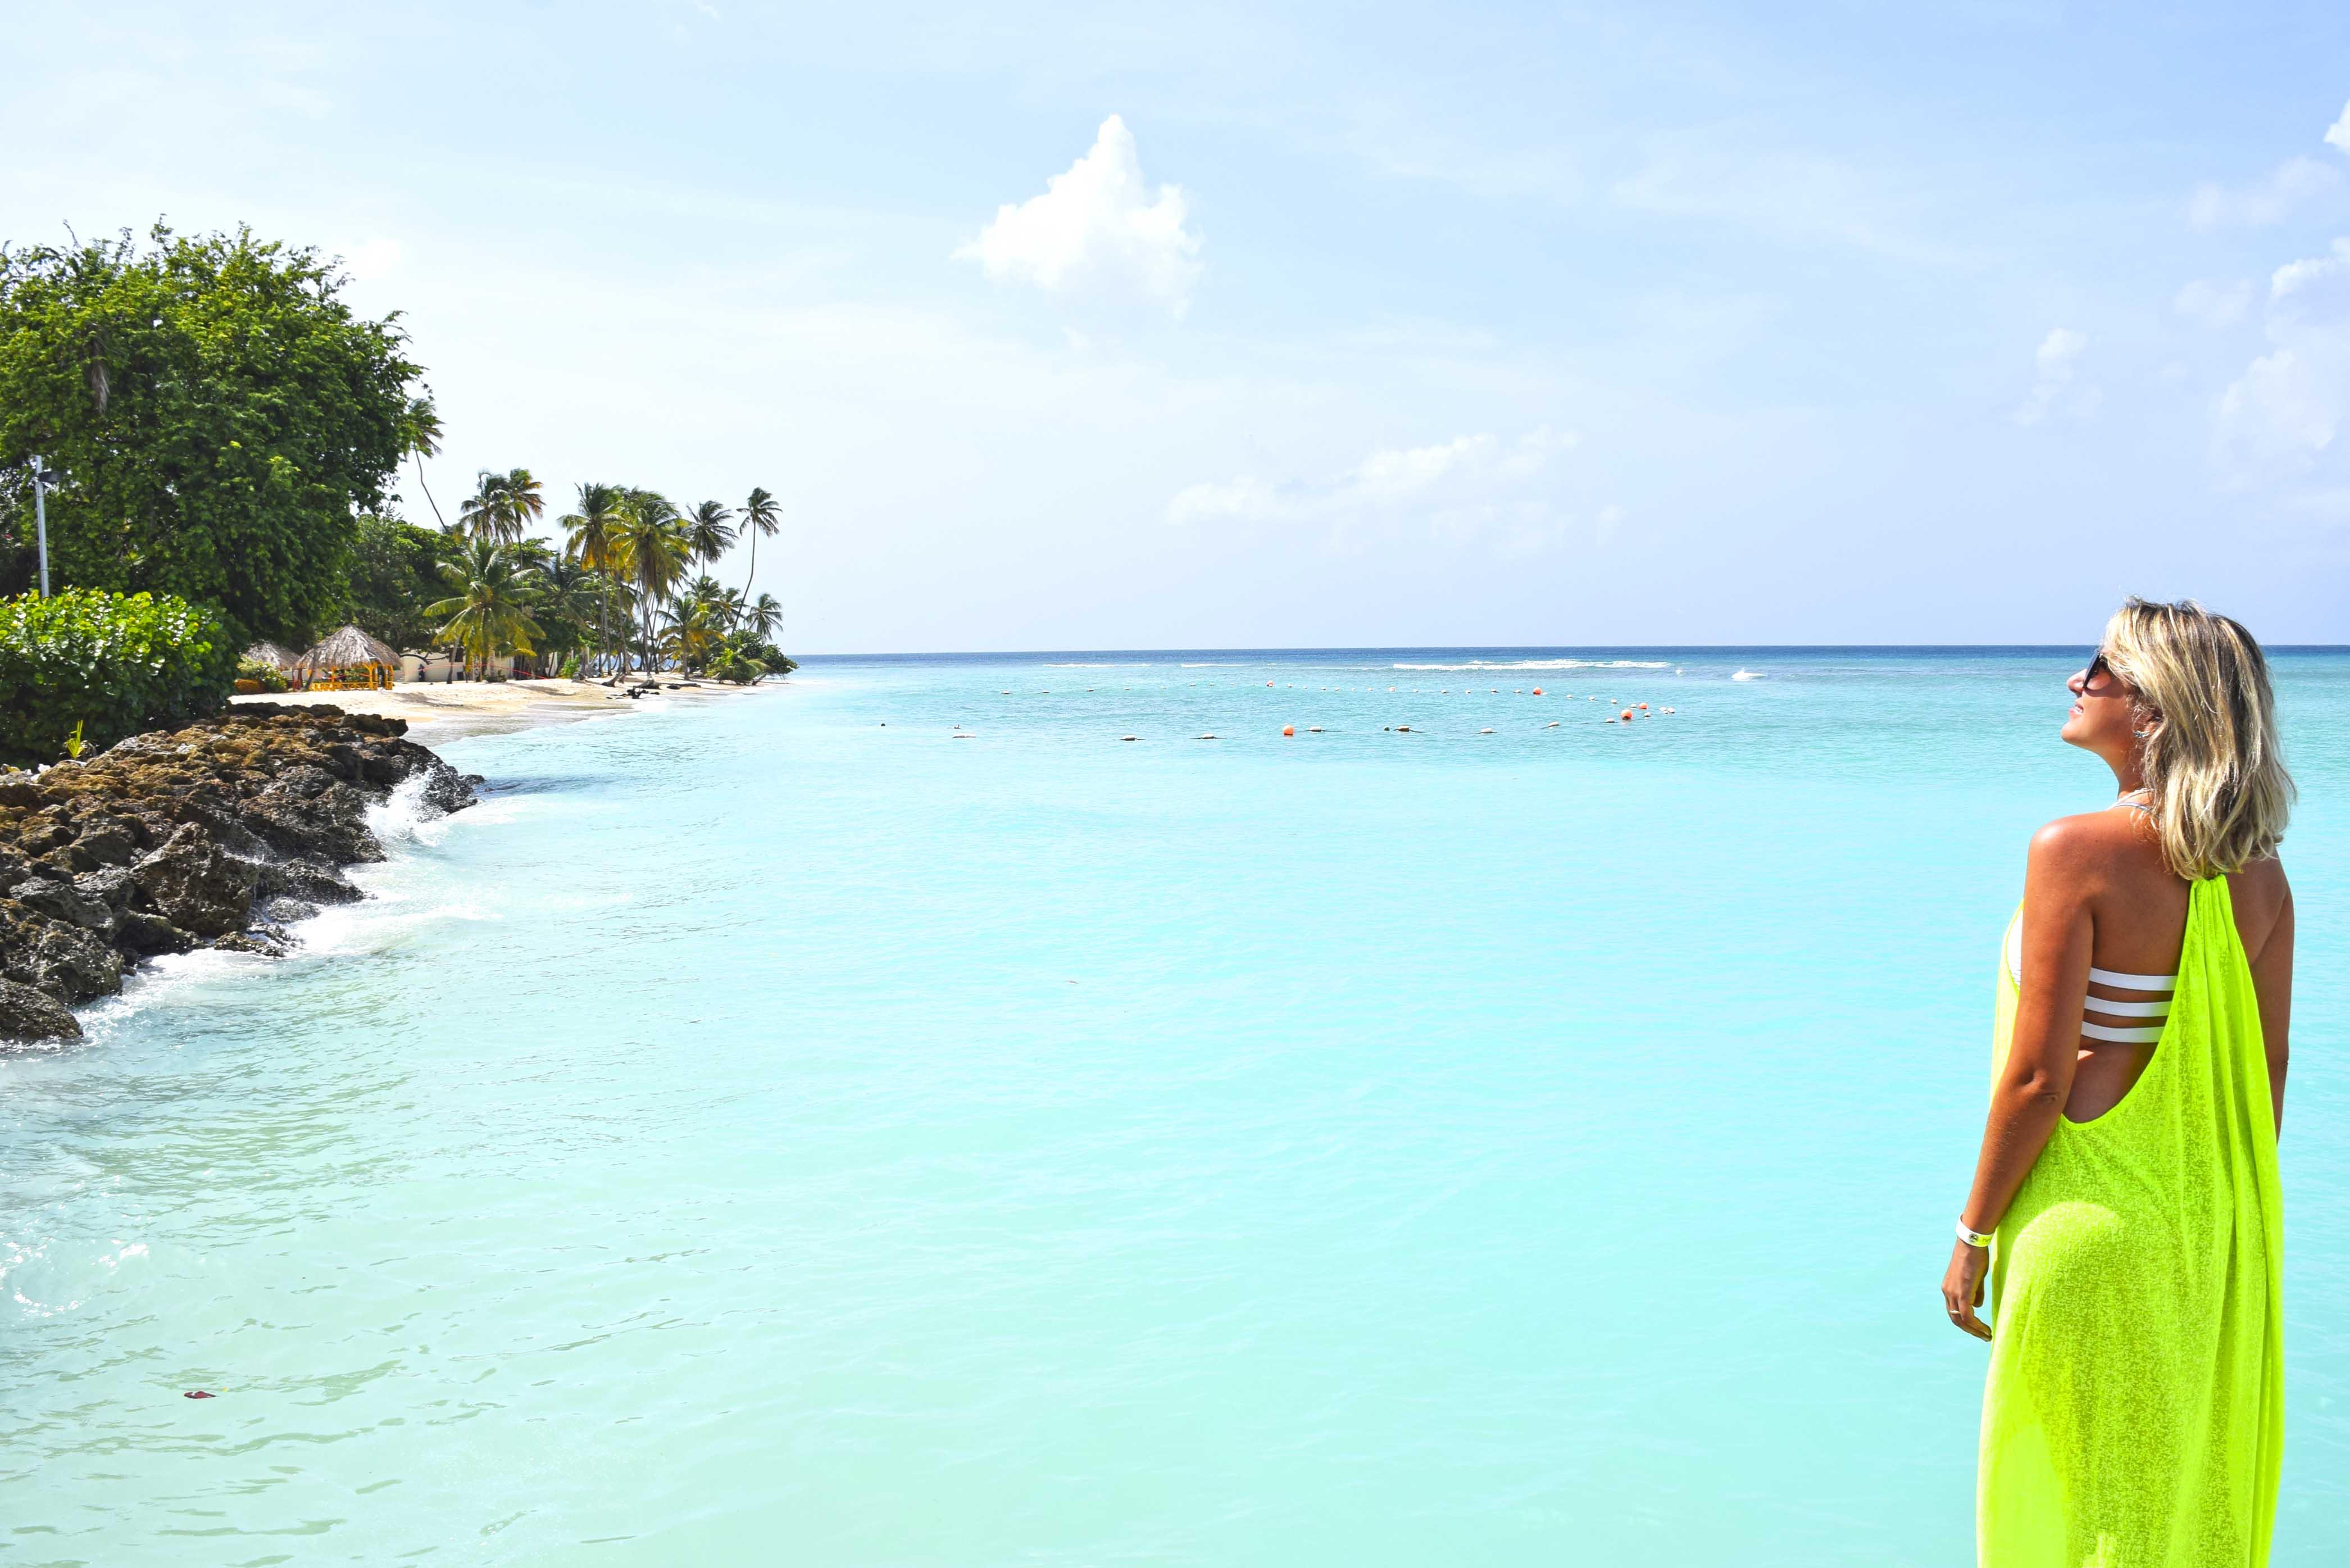 destinos no caribe fora da zona de furacões